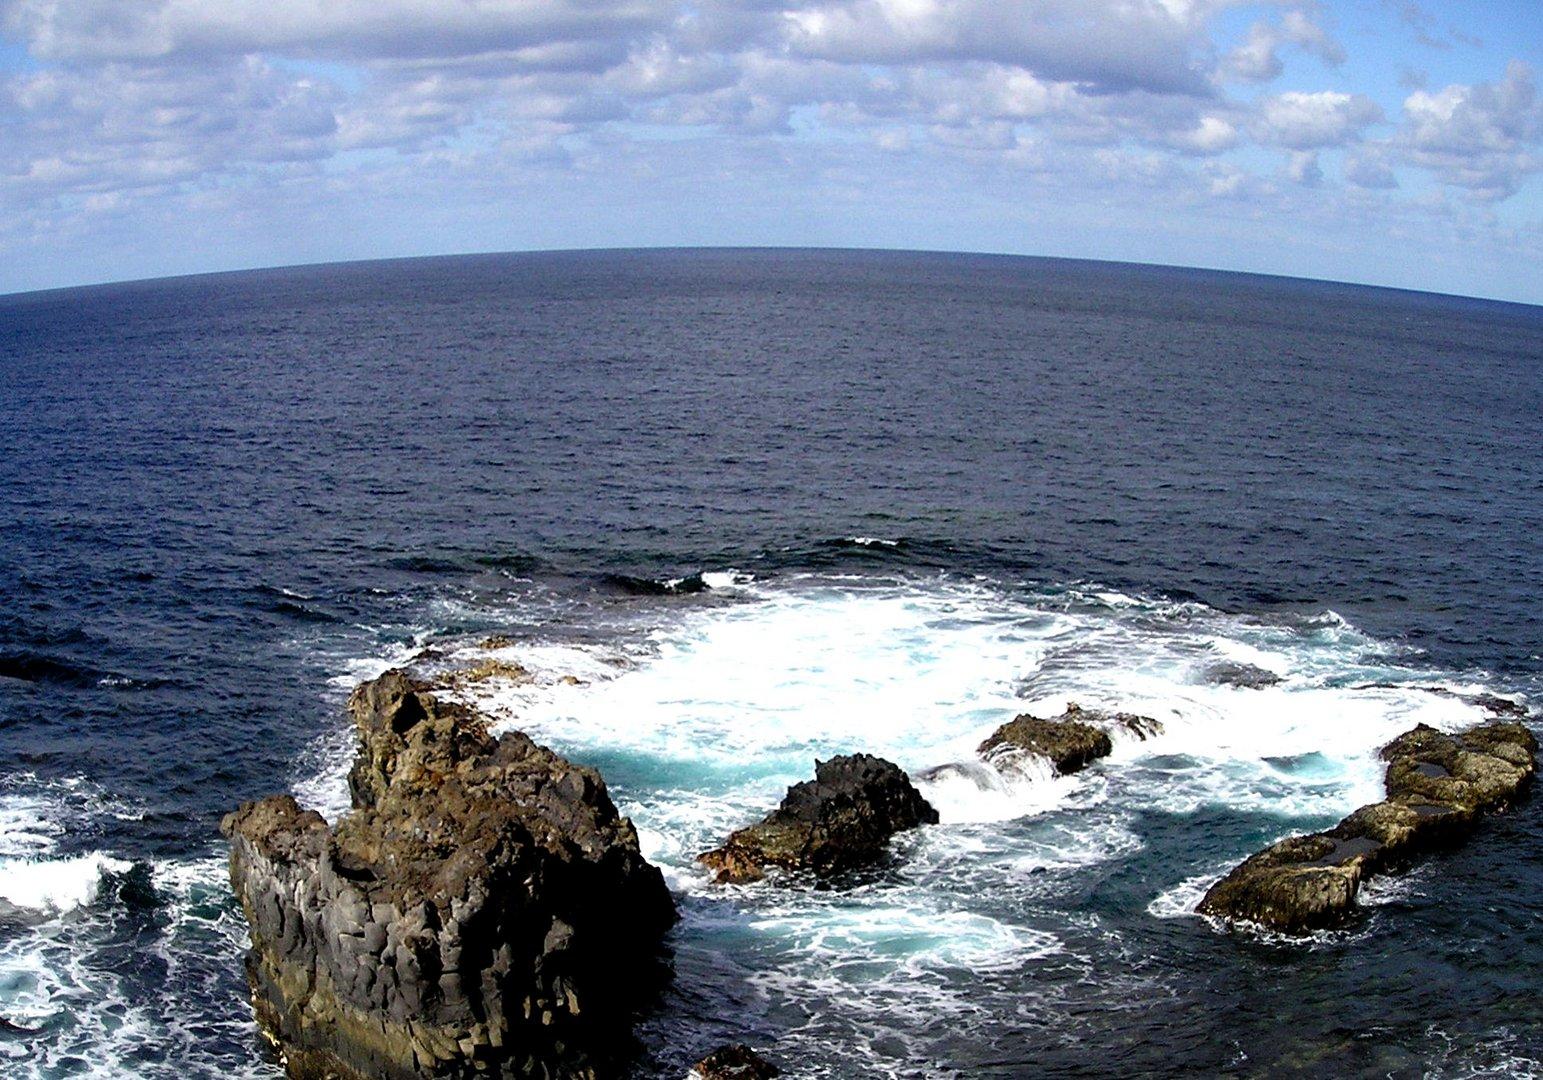 El Hierro - Punta Grande